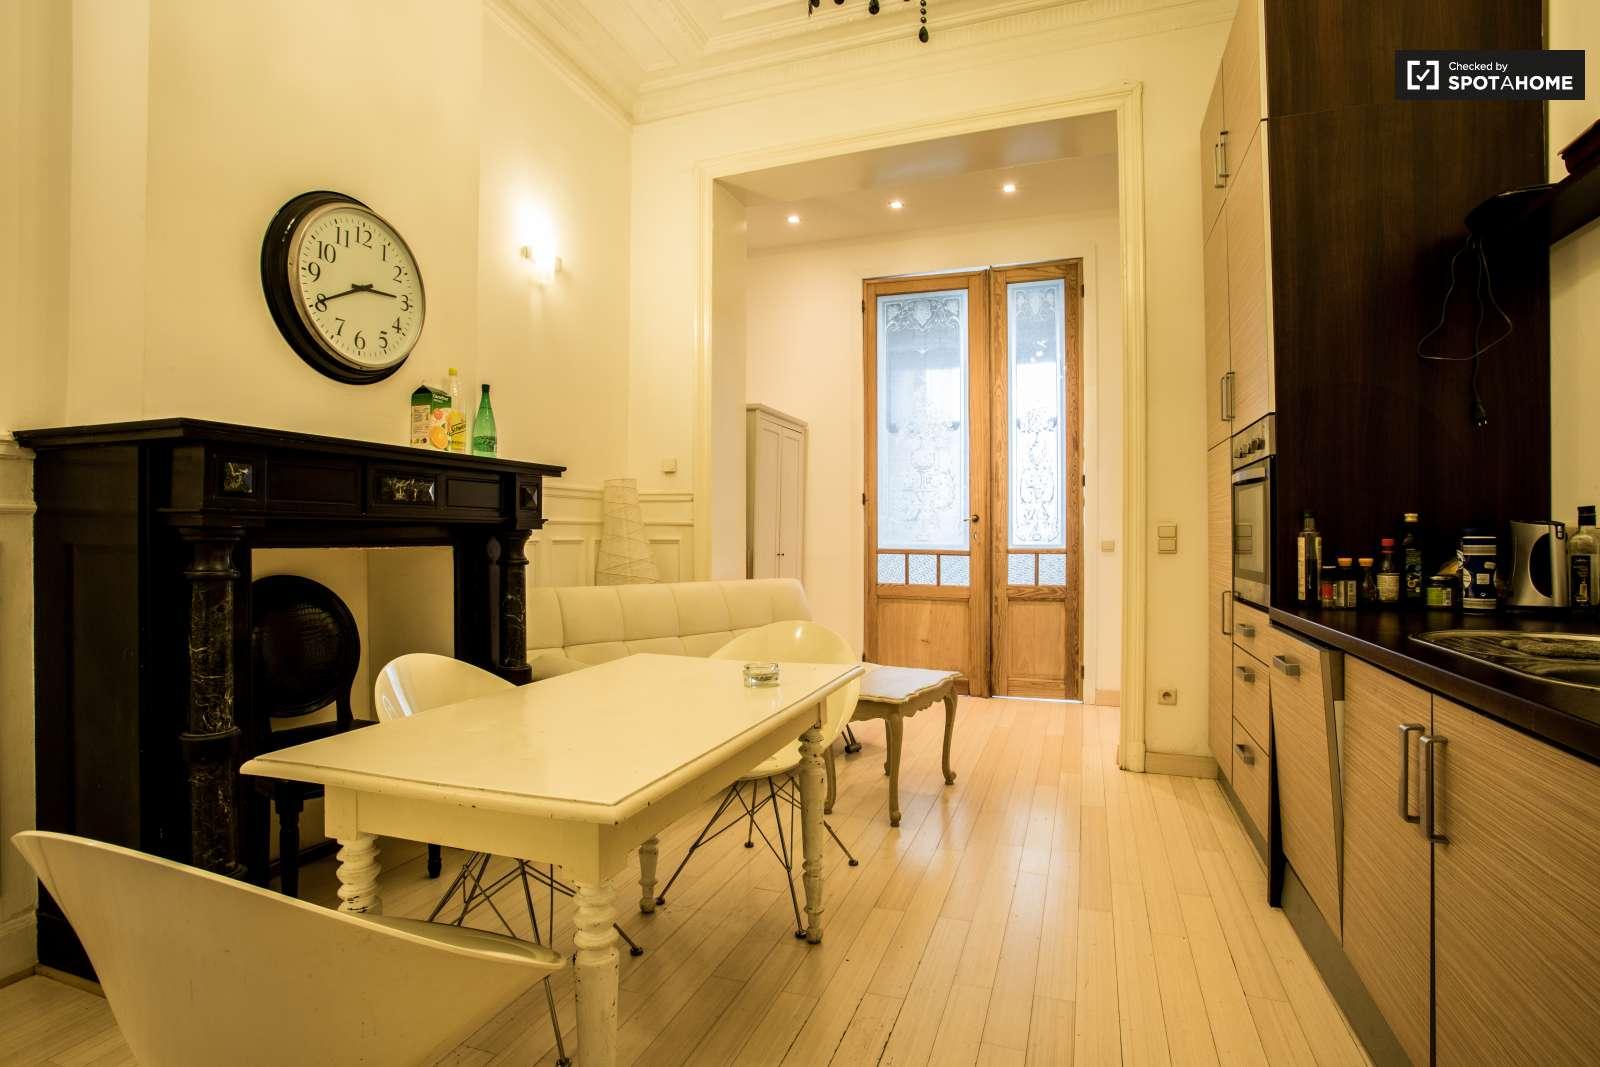 chambre lumineuse dans un appartement de 2 chambres forest bruxelles ref 103782 spotahome. Black Bedroom Furniture Sets. Home Design Ideas